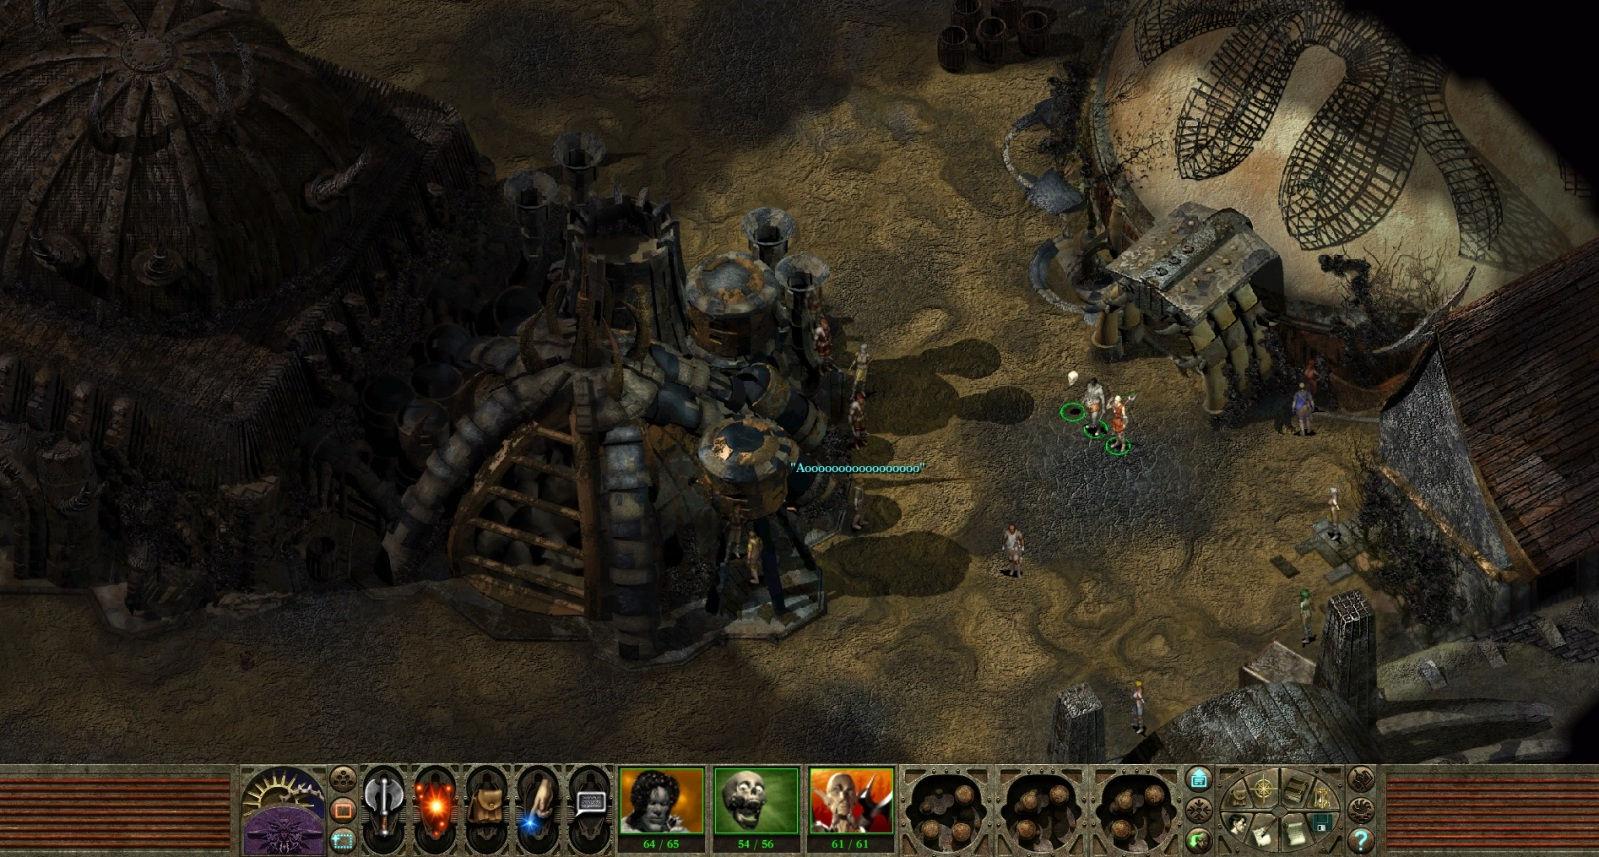 Risultati immagini per planescape torment enhanced edition